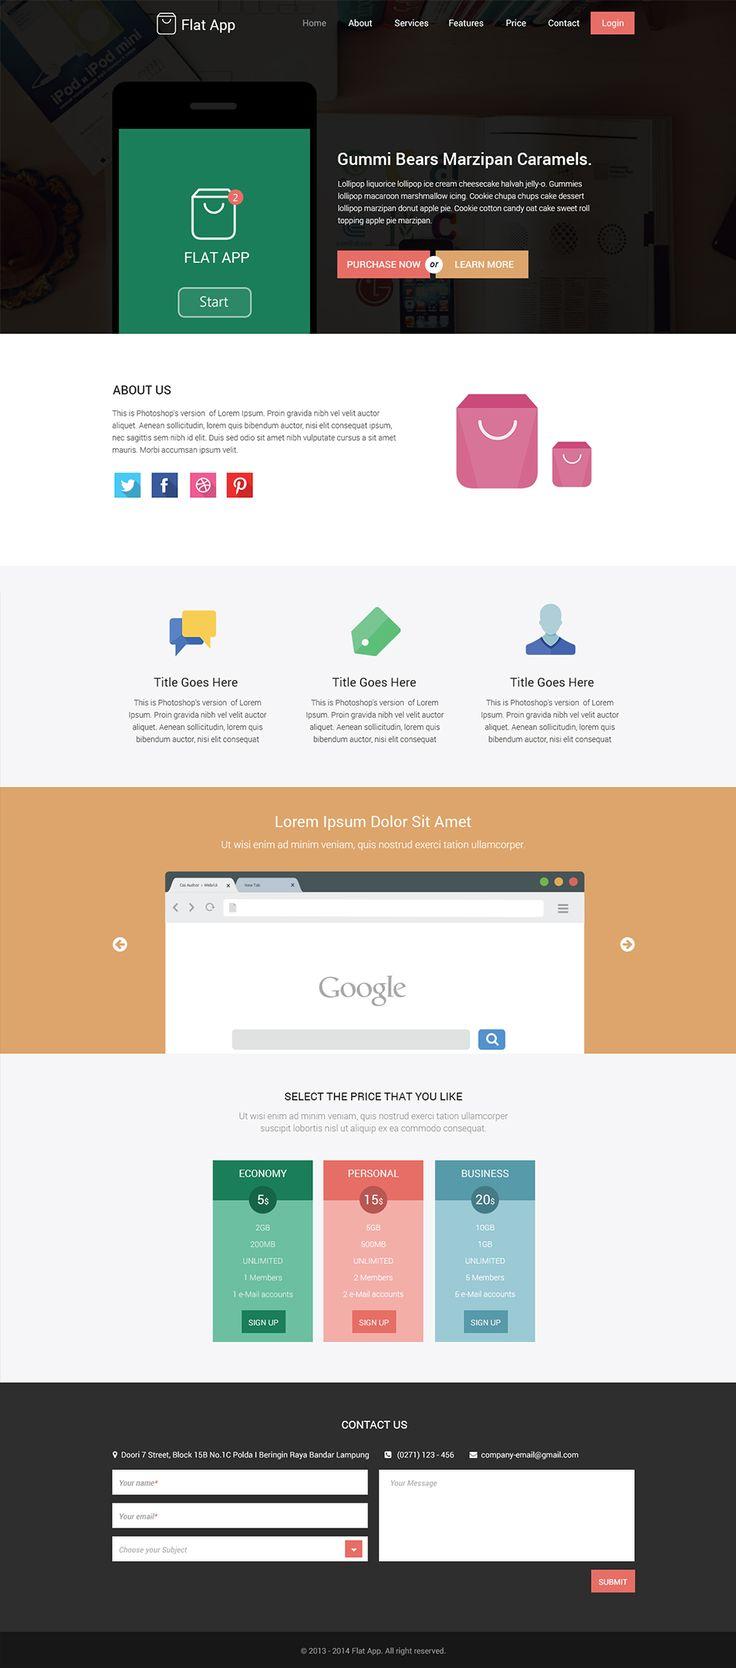 Flat app flat website template psd download web pinterest for Pinterest template psd